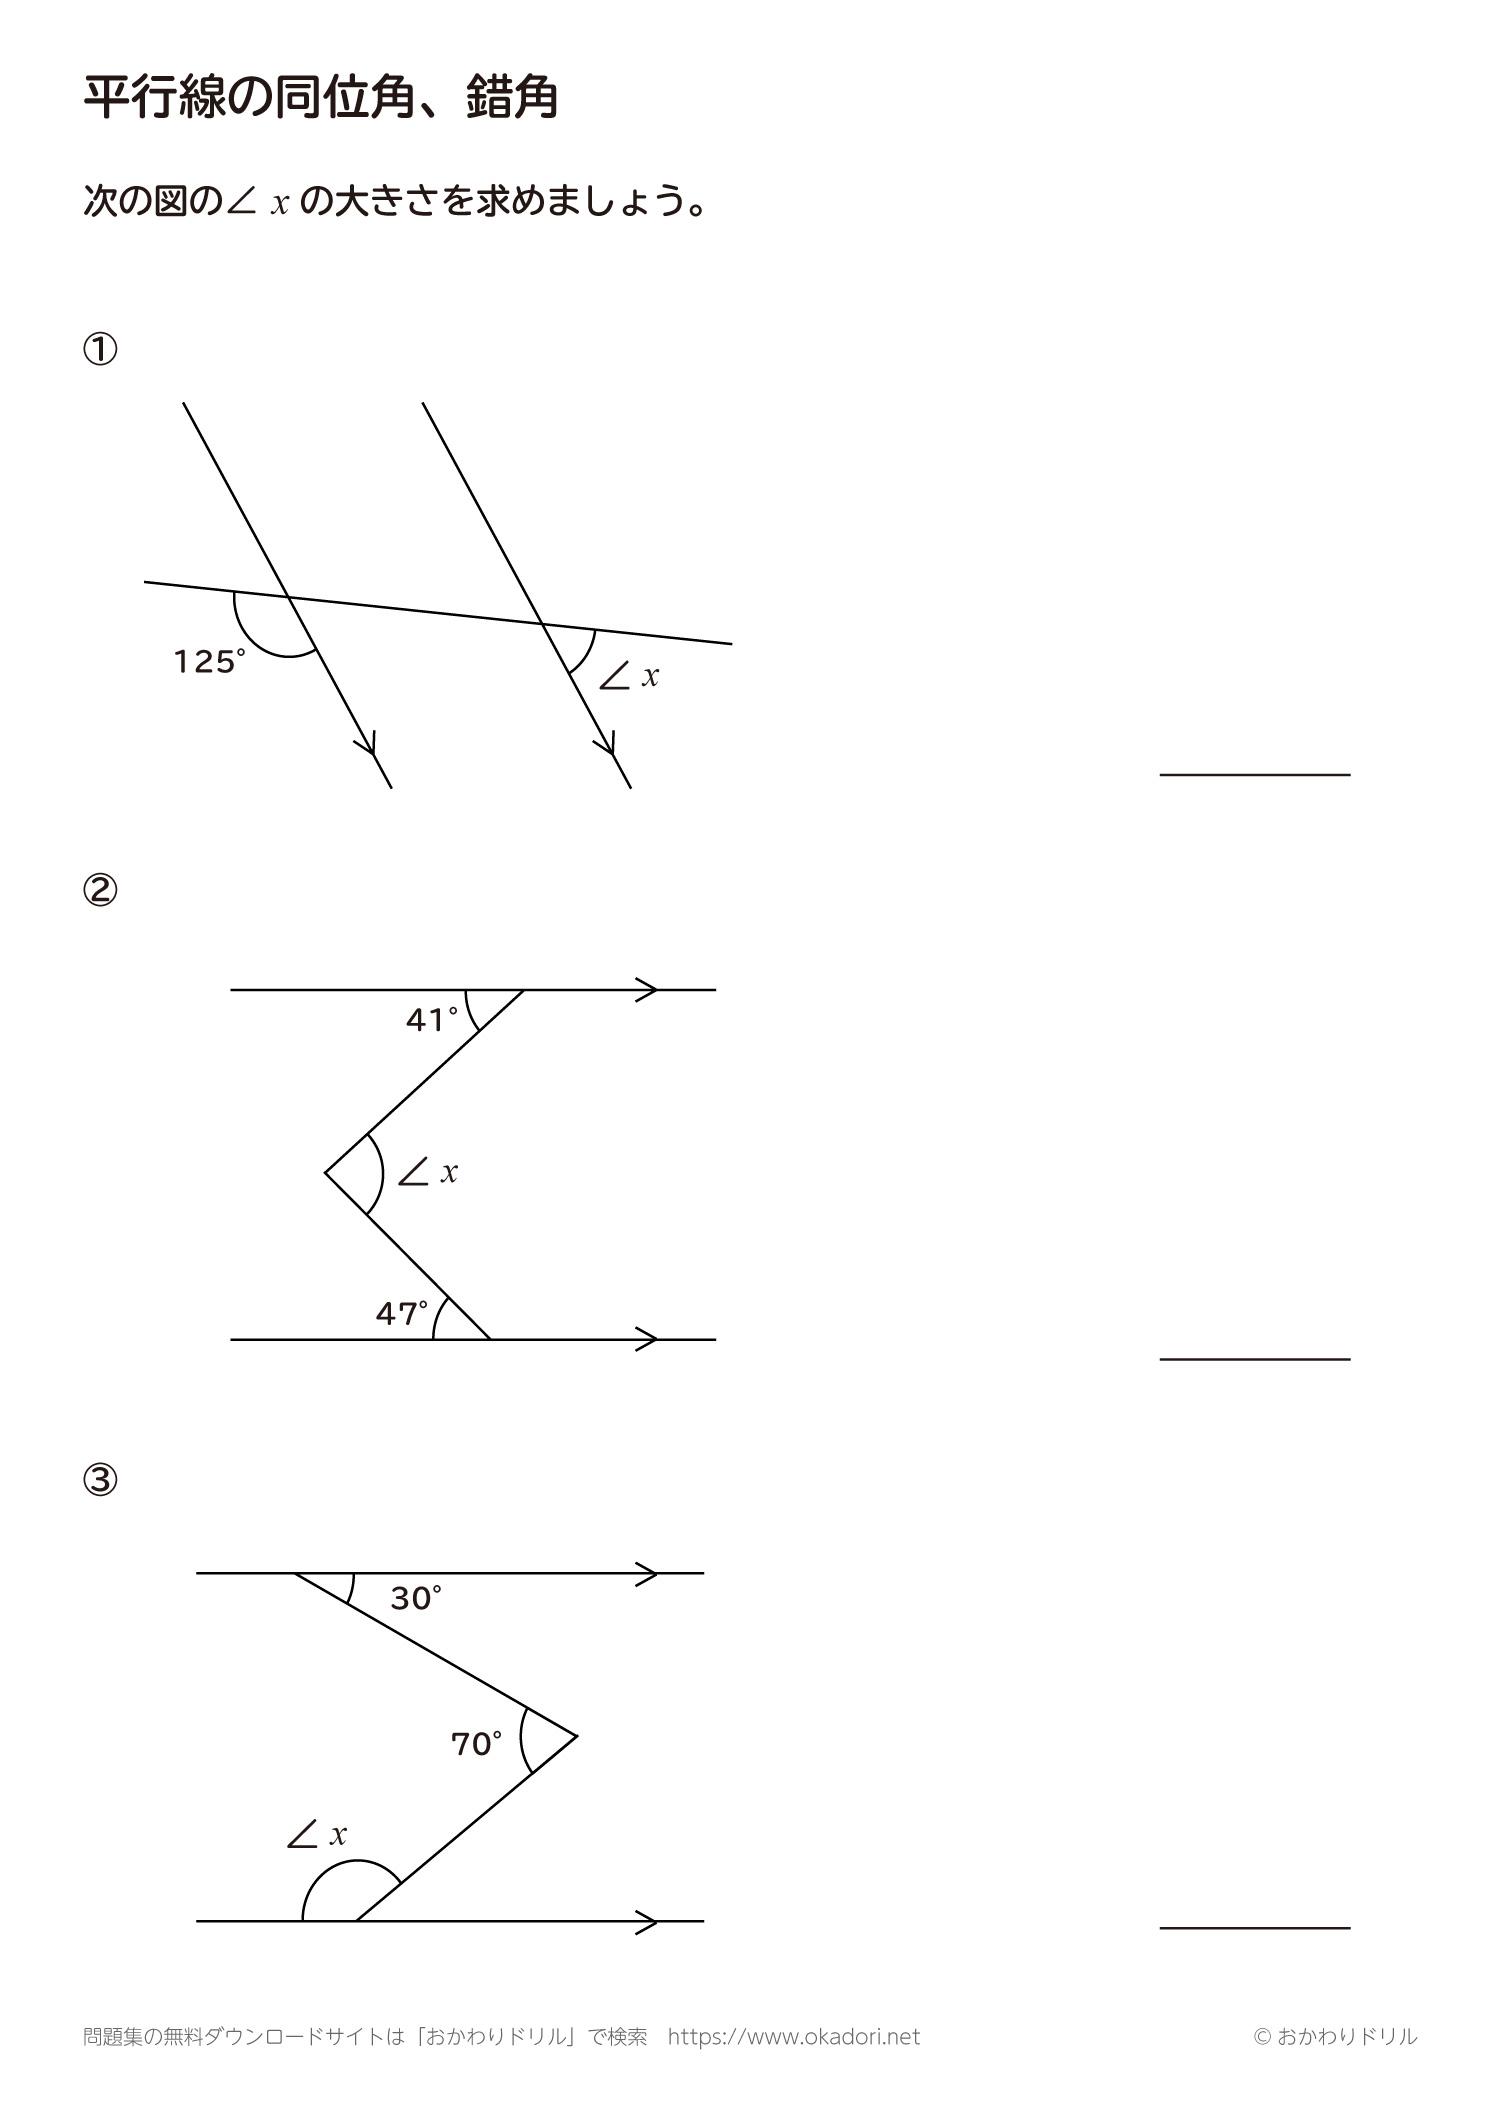 平行線の同位角、錯角を求める問題と答え2